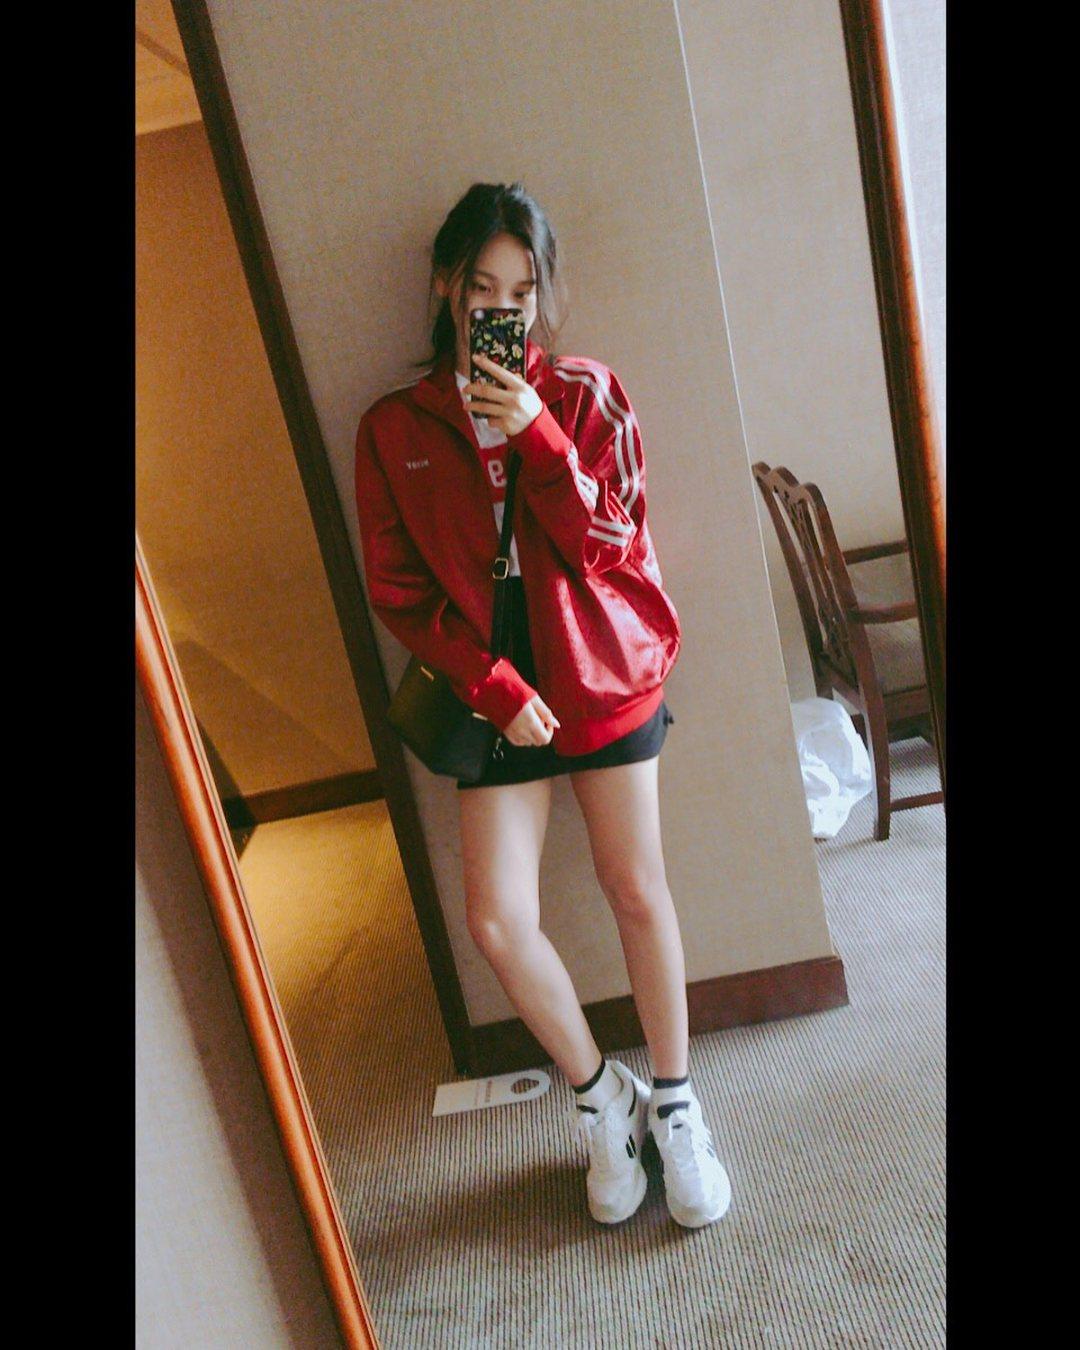 20歲代表-GFRIEDN(Umji): 20歲花樣年花,不少大學生都很喜歡輕鬆休閒的打扮,不妨試試看Umji私底下的穿搭吧!利用一件運動外套搭配T-Shirt和短裙,鞋子部分選擇一雙球鞋就能夠呈現休閒的運動風啦!